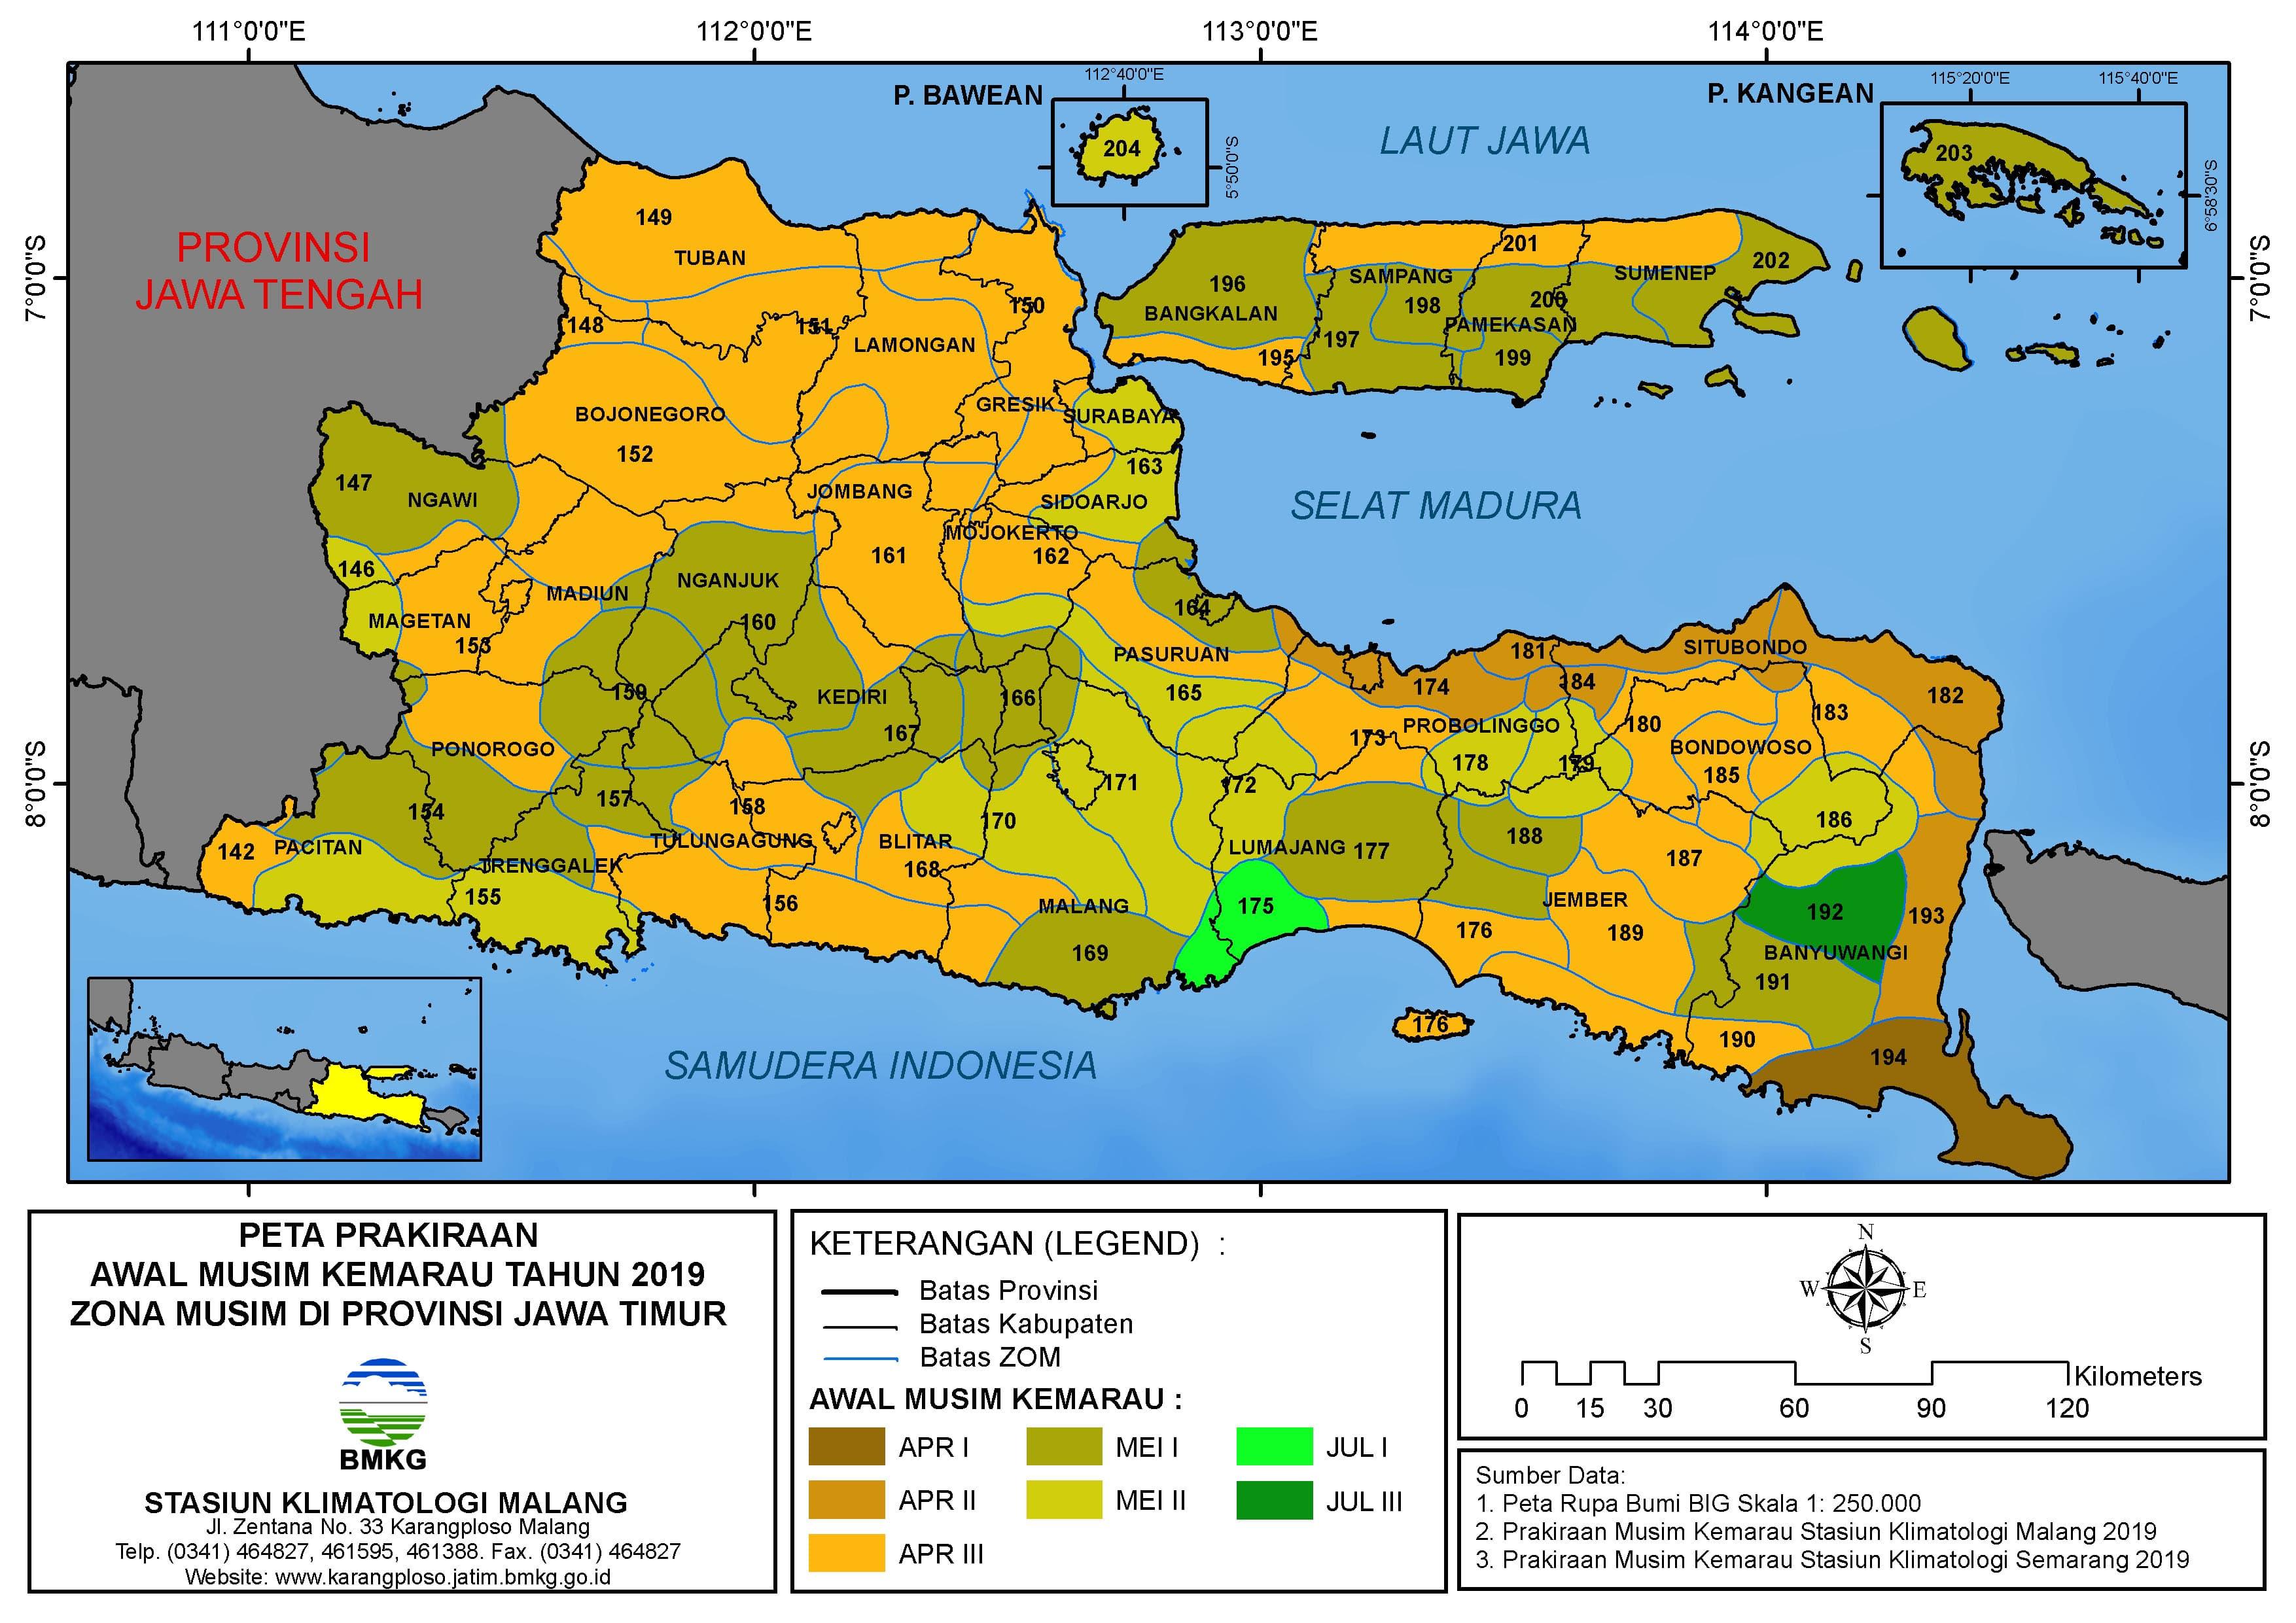 Peta Prakiraan Awal Musim Kemarau Tahun 2019 Zona Musim di Provinsi Jawa Timur